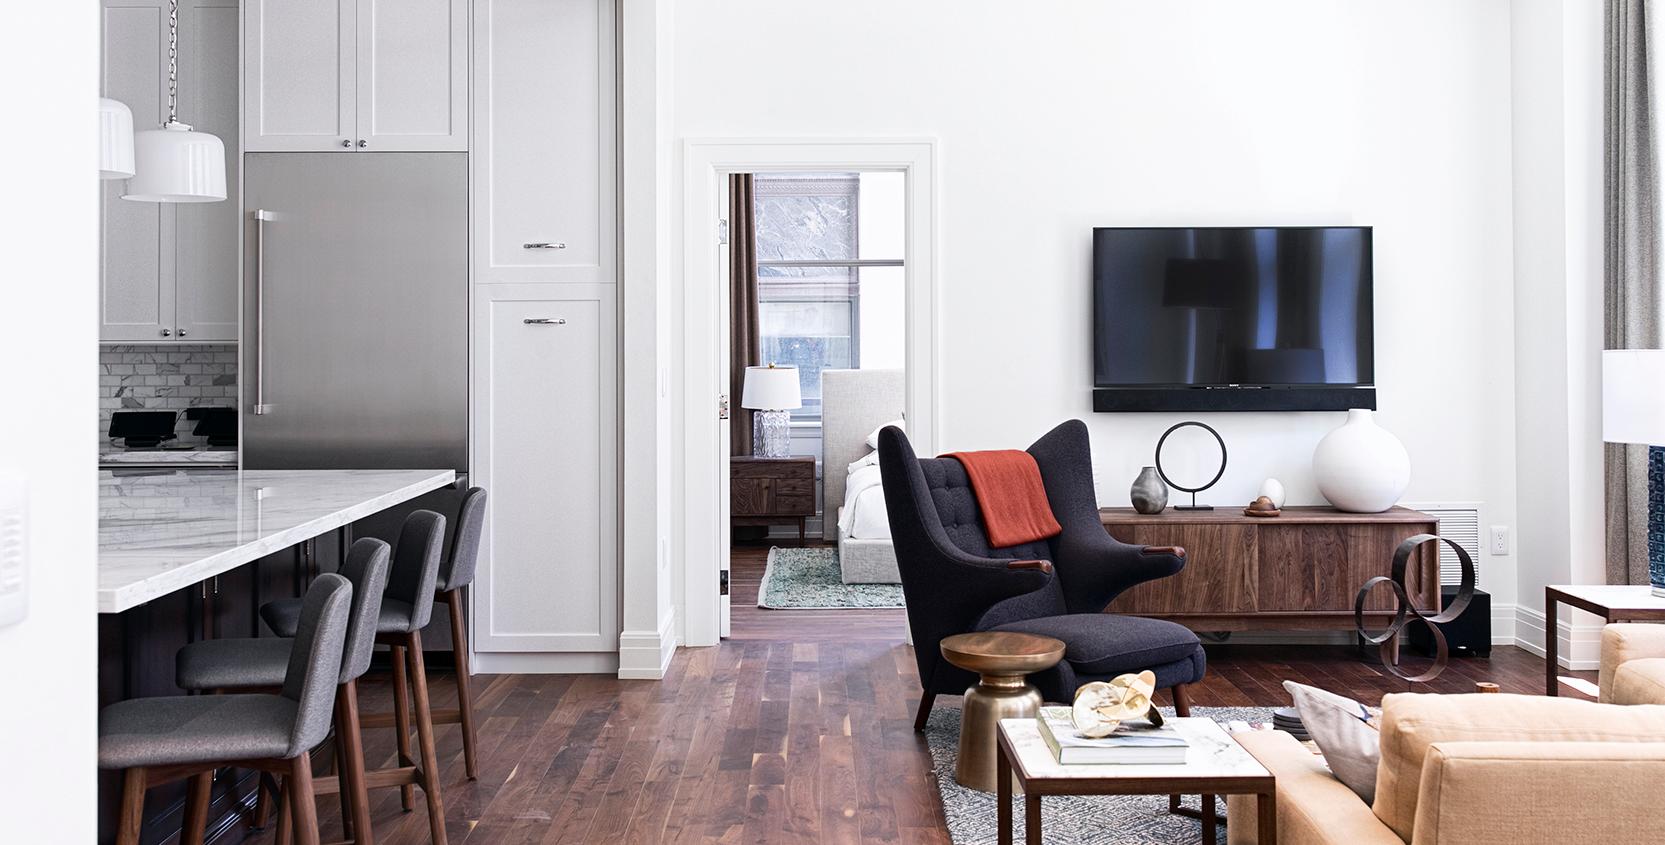 Vinton-Building-Apartment-Living-Space-1665x845